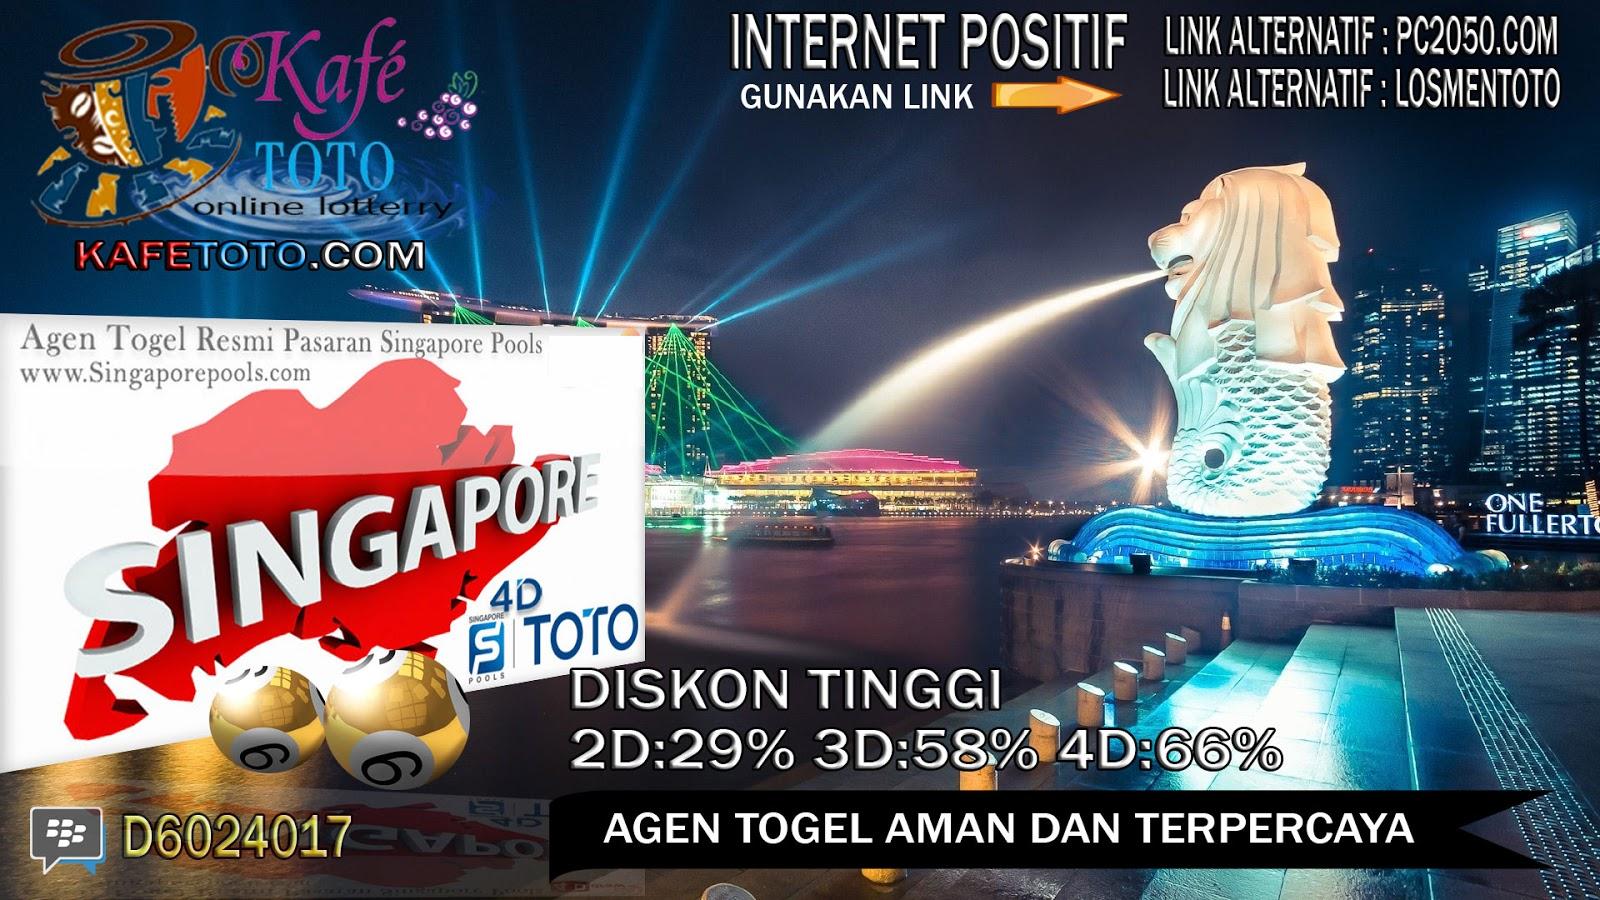 SGP Togel On line & Rulesnya